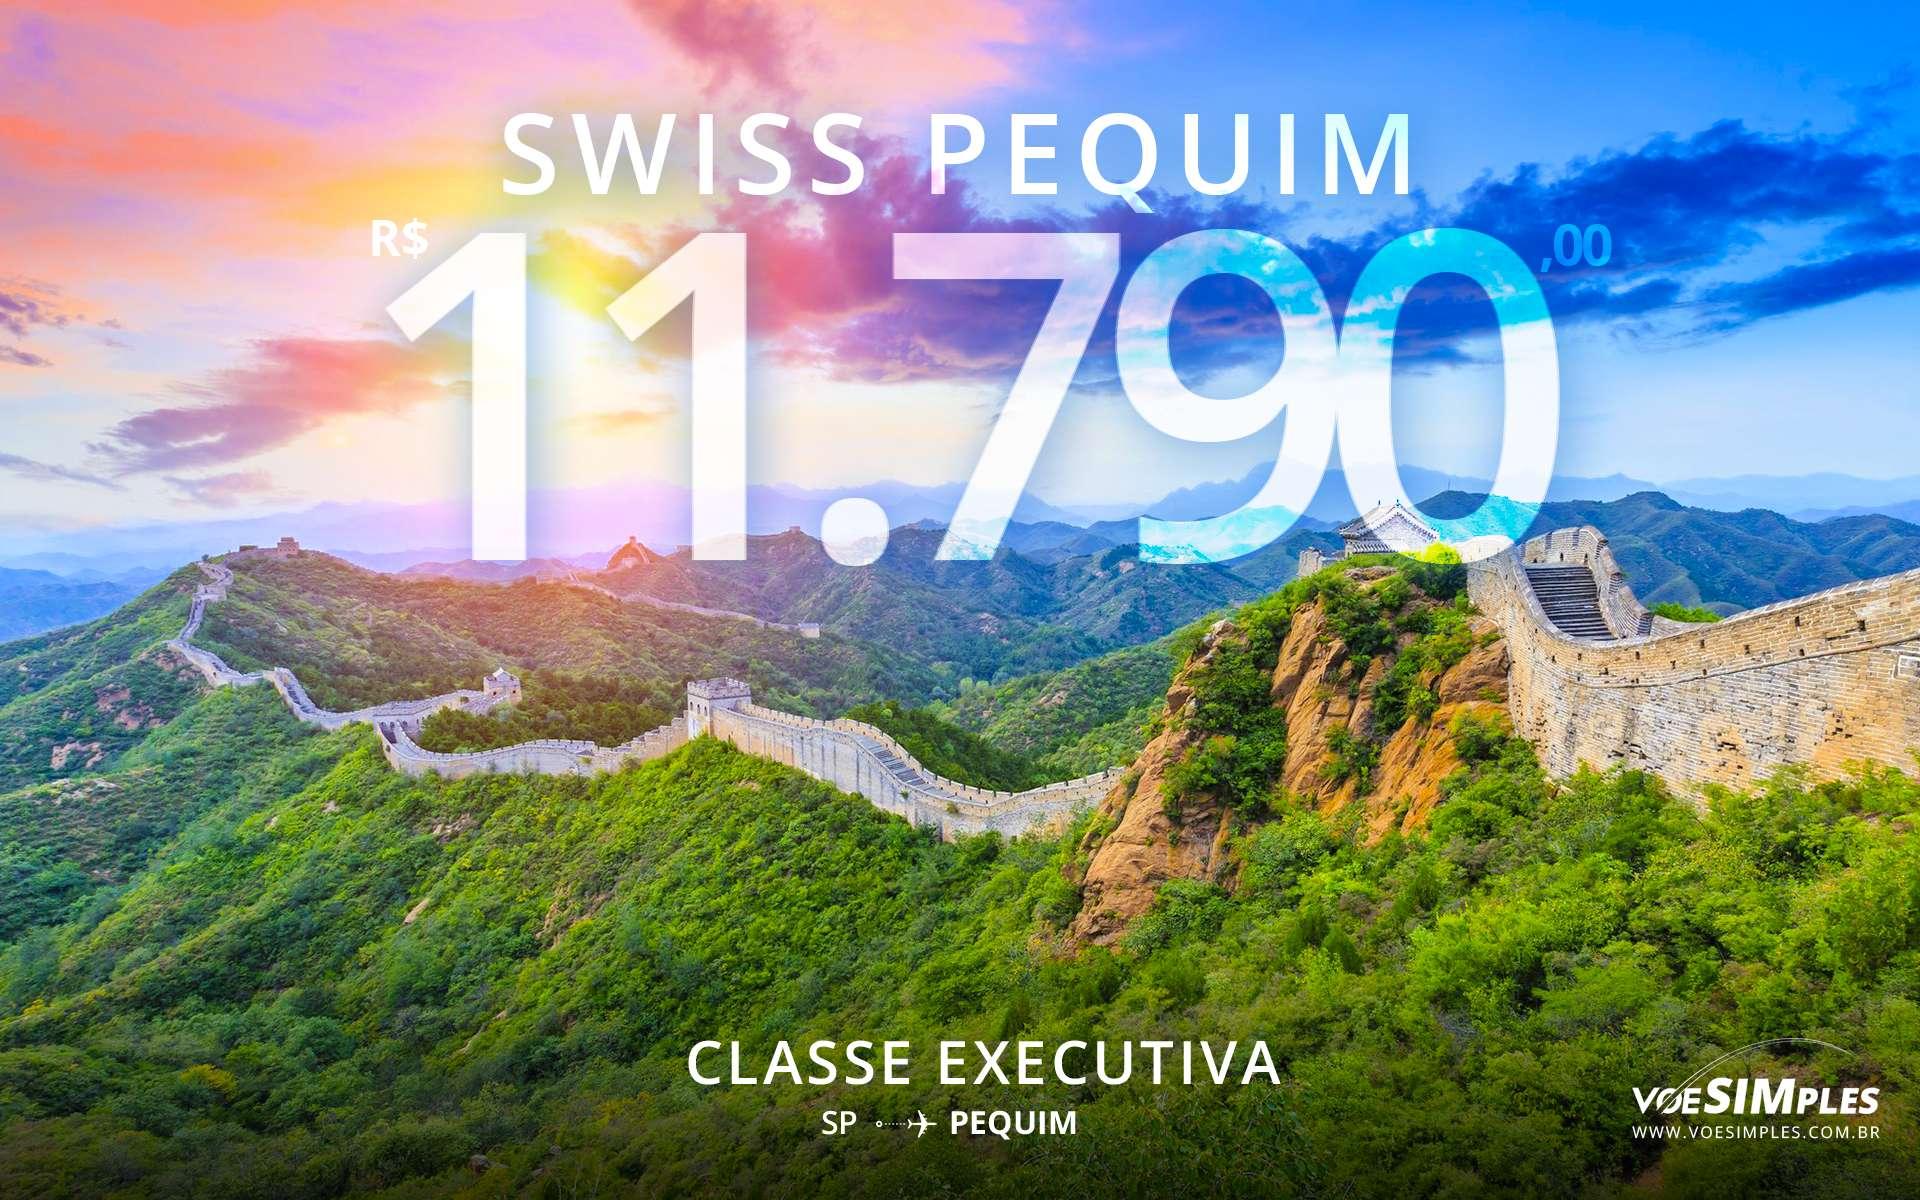 Lufthansa - Reserve suas passagens aéreas e voe …